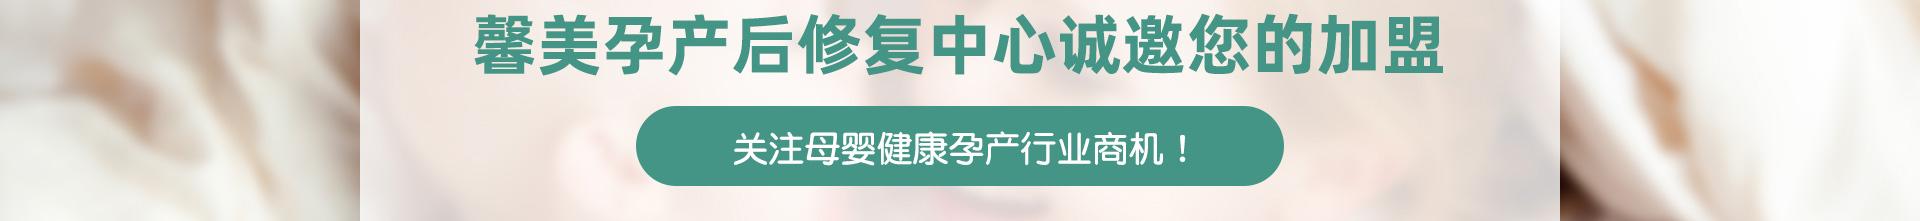 蘭馨美孕产后复龄中心详情页_25